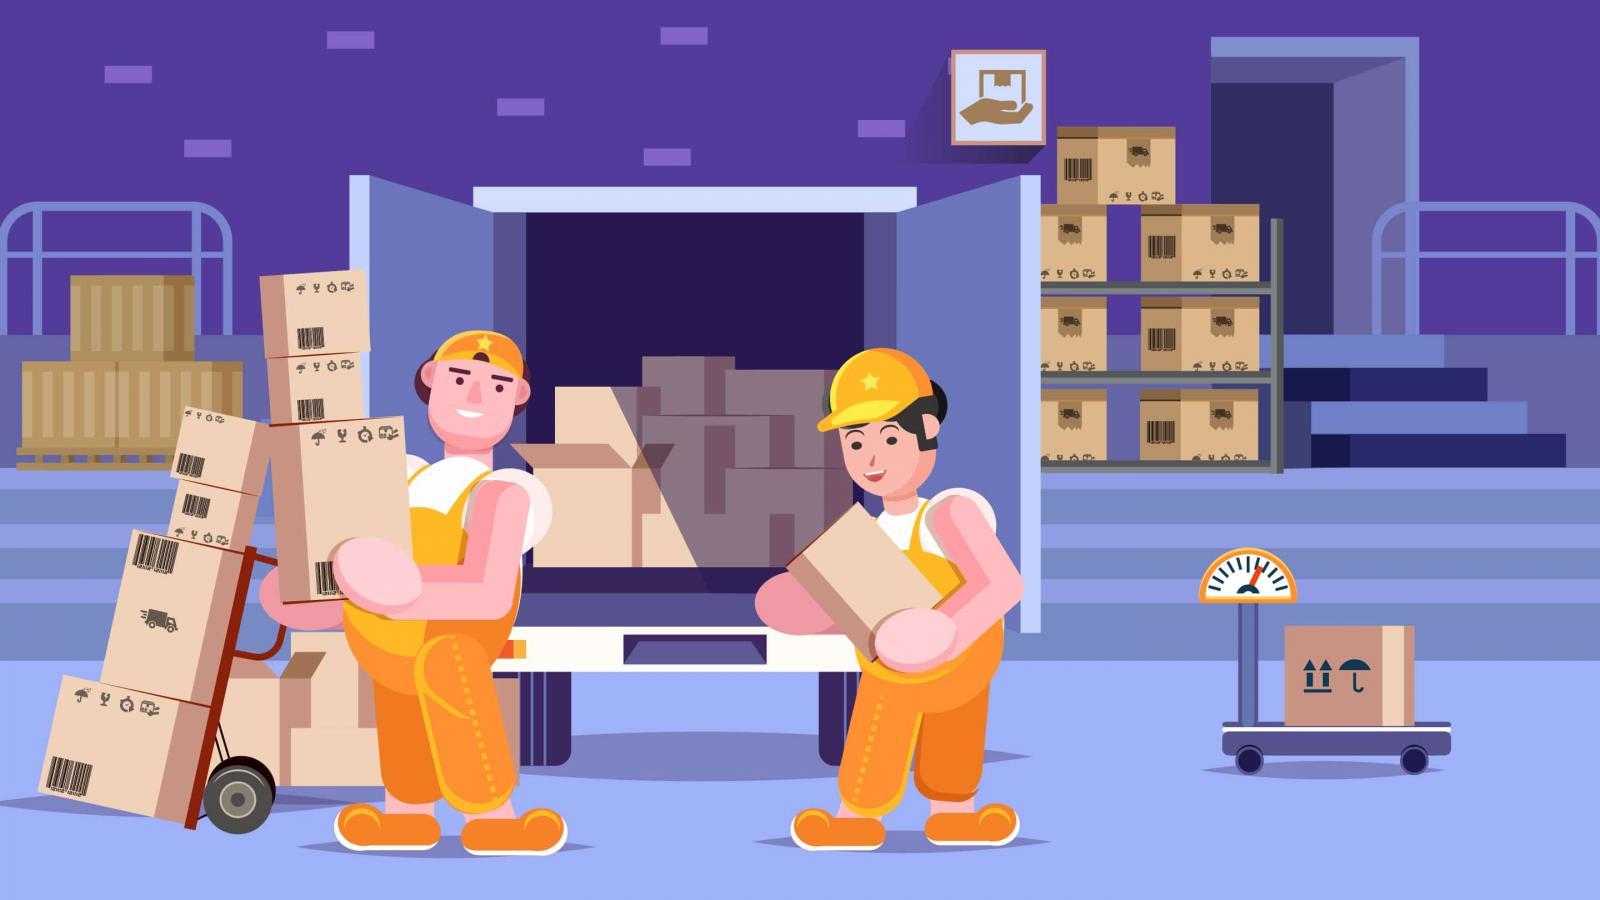 hình ảnh Hướng dẫn cách quản lý đơn hàng hiệu quả cho các shop online - số 2